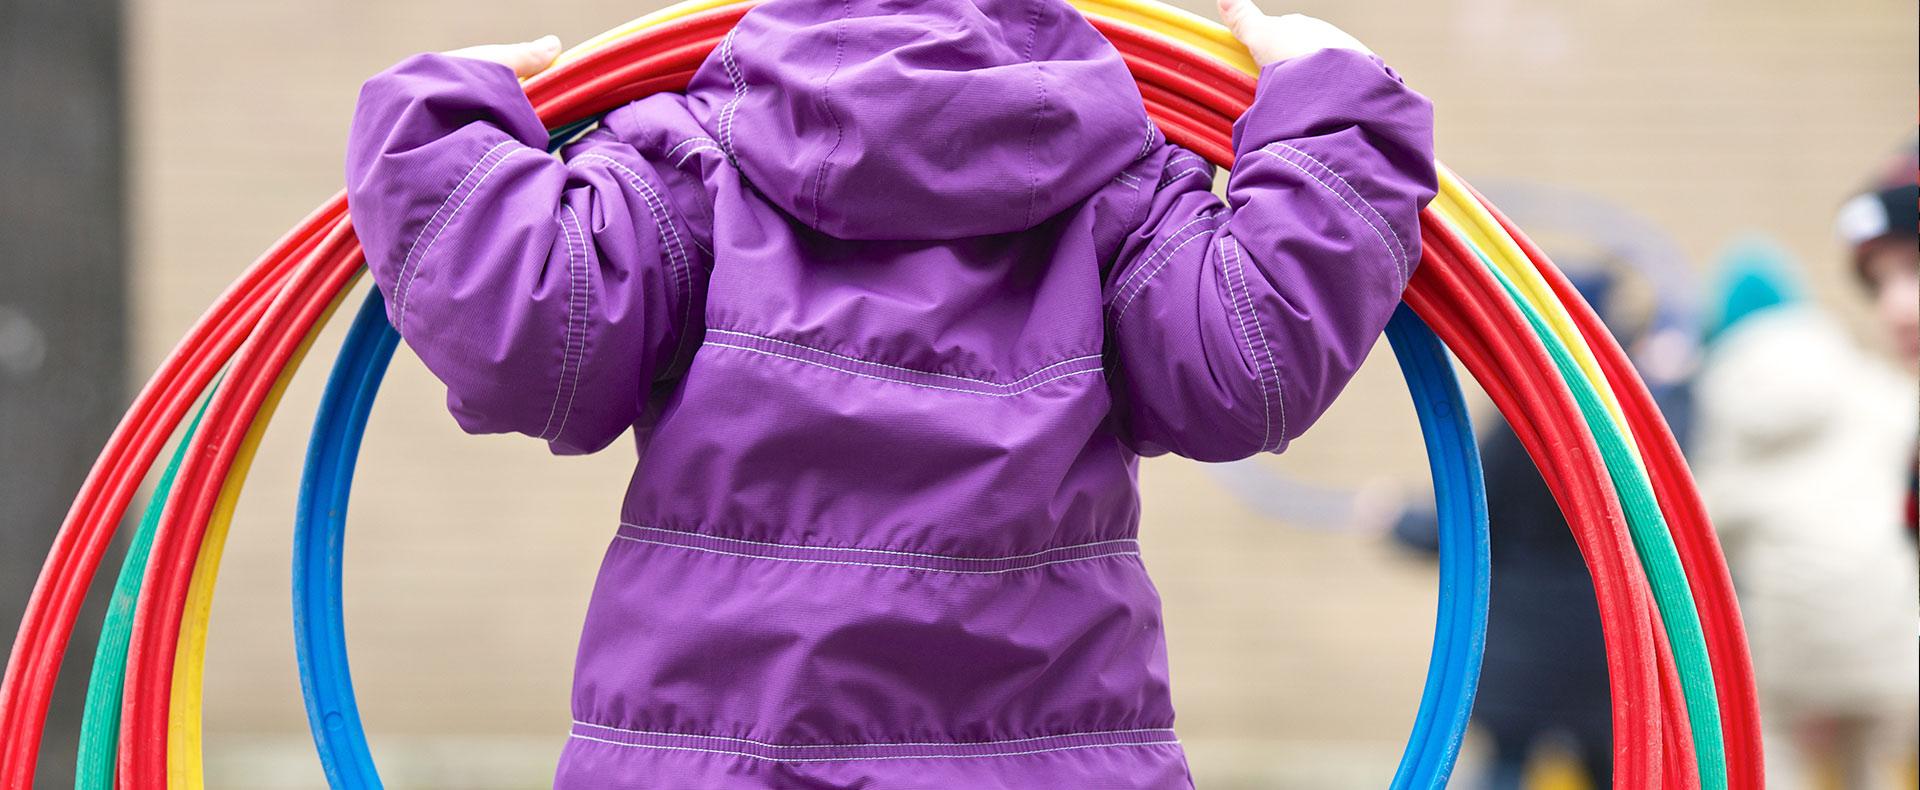 Allieva della scuola Svizzera di Milano gioca con hoola hoop in cortile